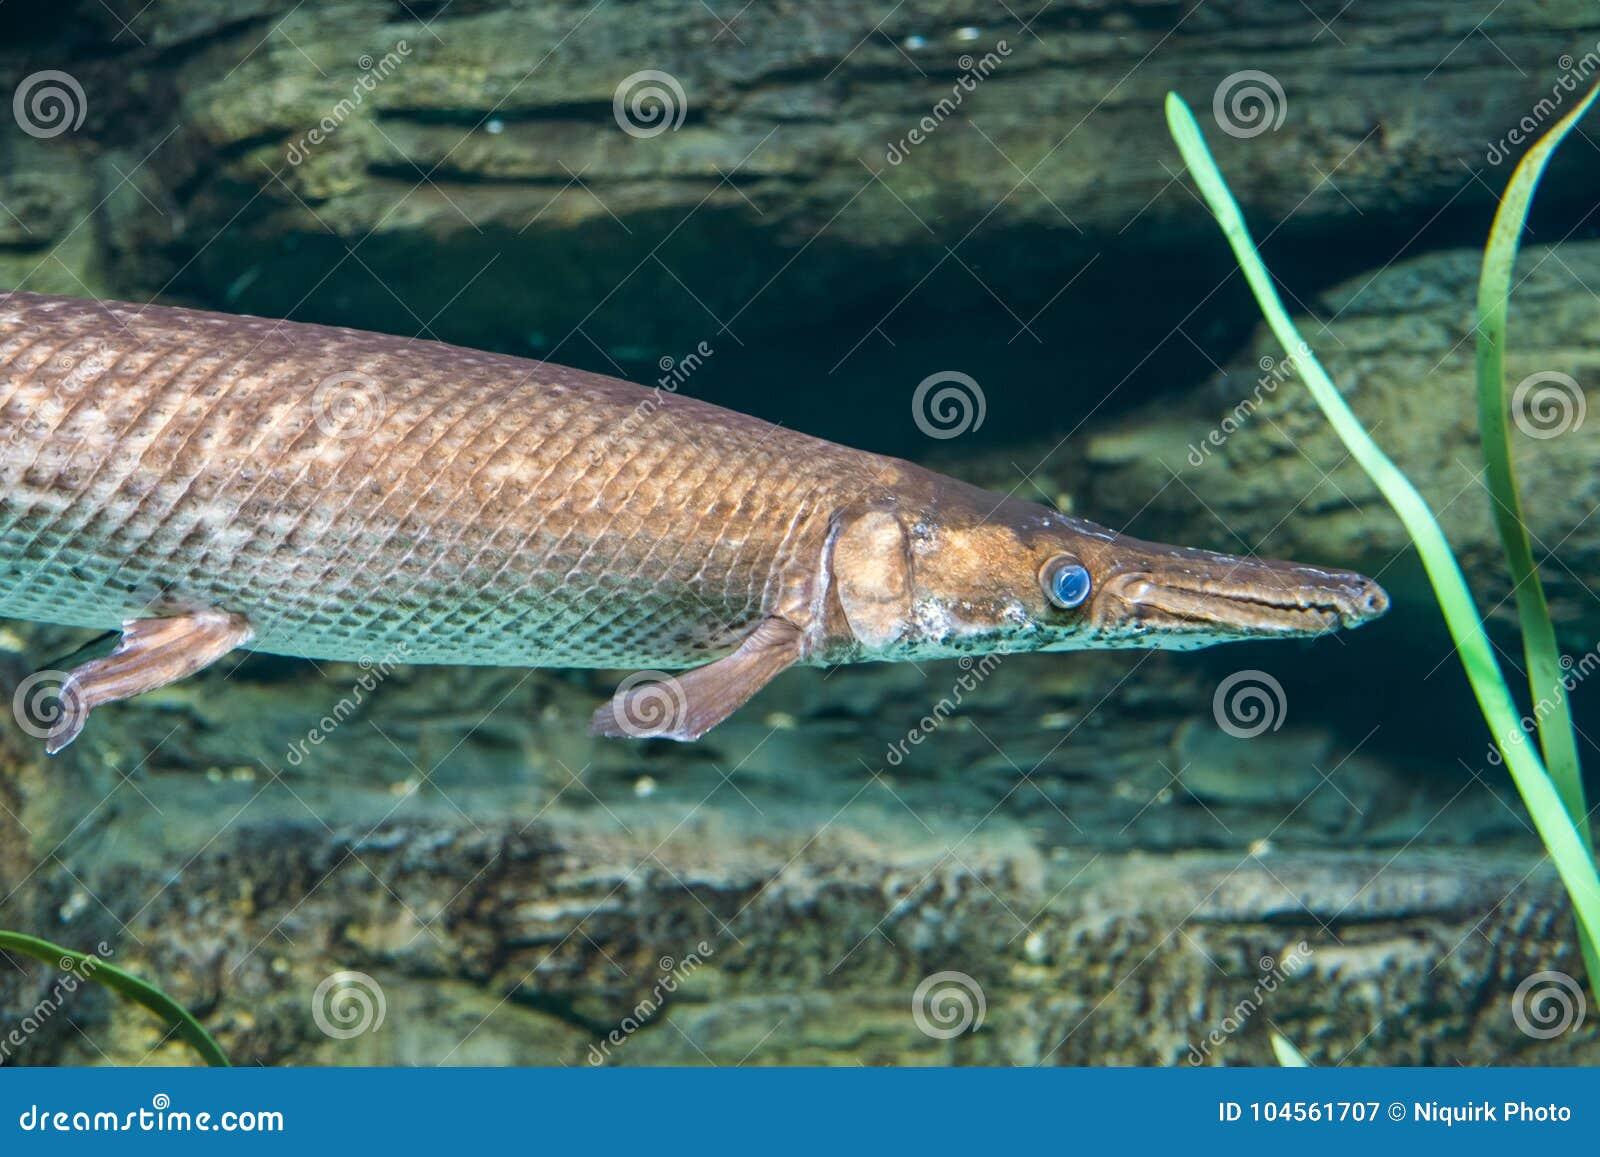 df79278e8ff Arapaima, Pirarucu, Endangered Fish Stock Image - Image of fresh ...